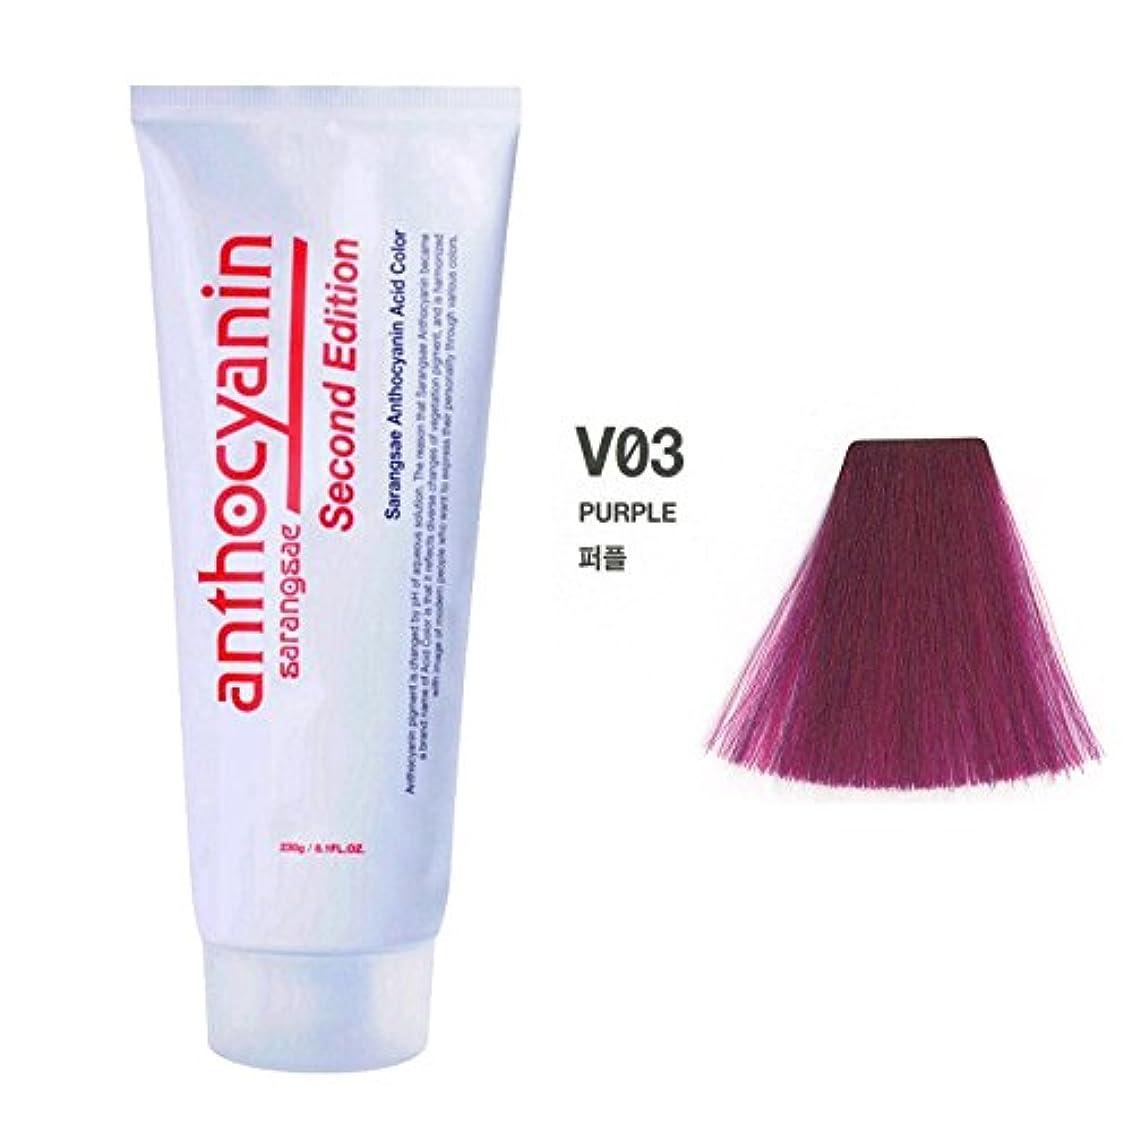 学習四回グレーヘア マニキュア カラー セカンド エディション 230g セミ パーマネント 染毛剤 ( Hair Manicure Color Second Edition 230g Semi Permanent Hair Dye)...